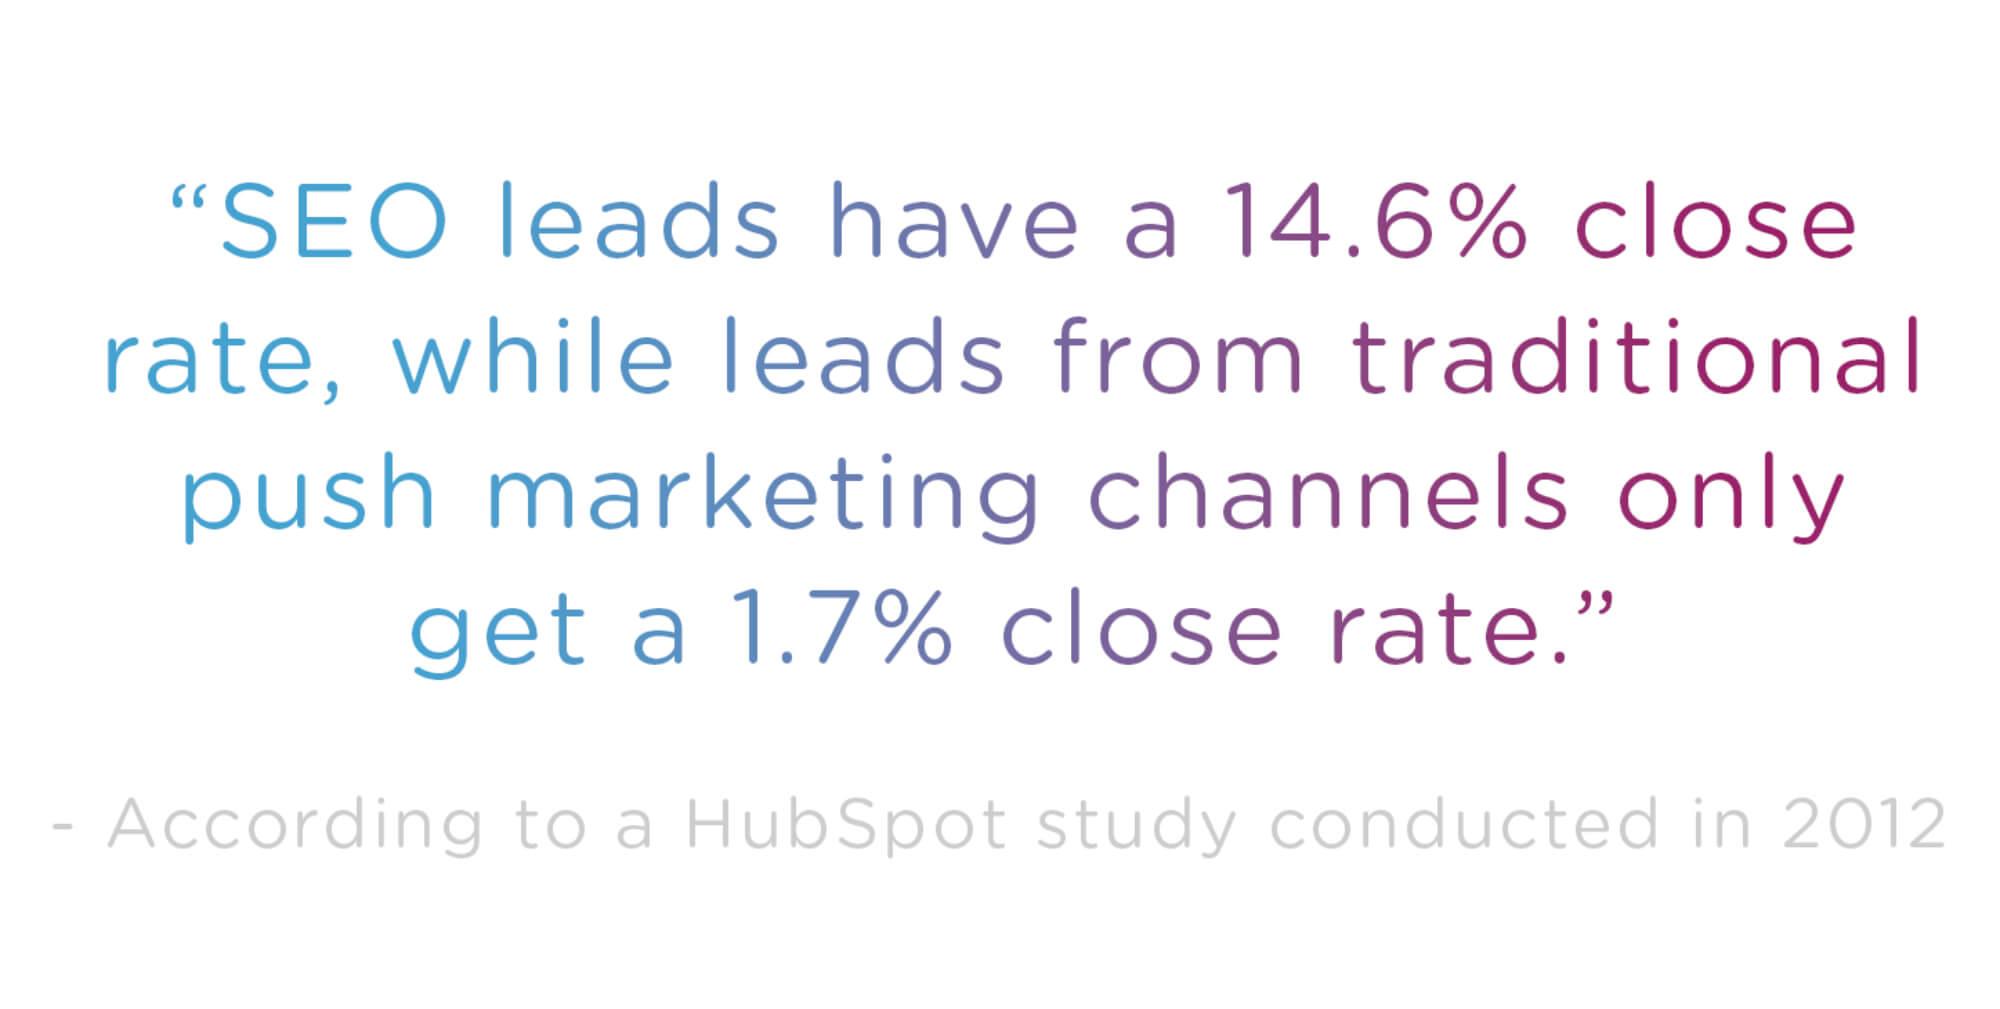 HubSpot Study